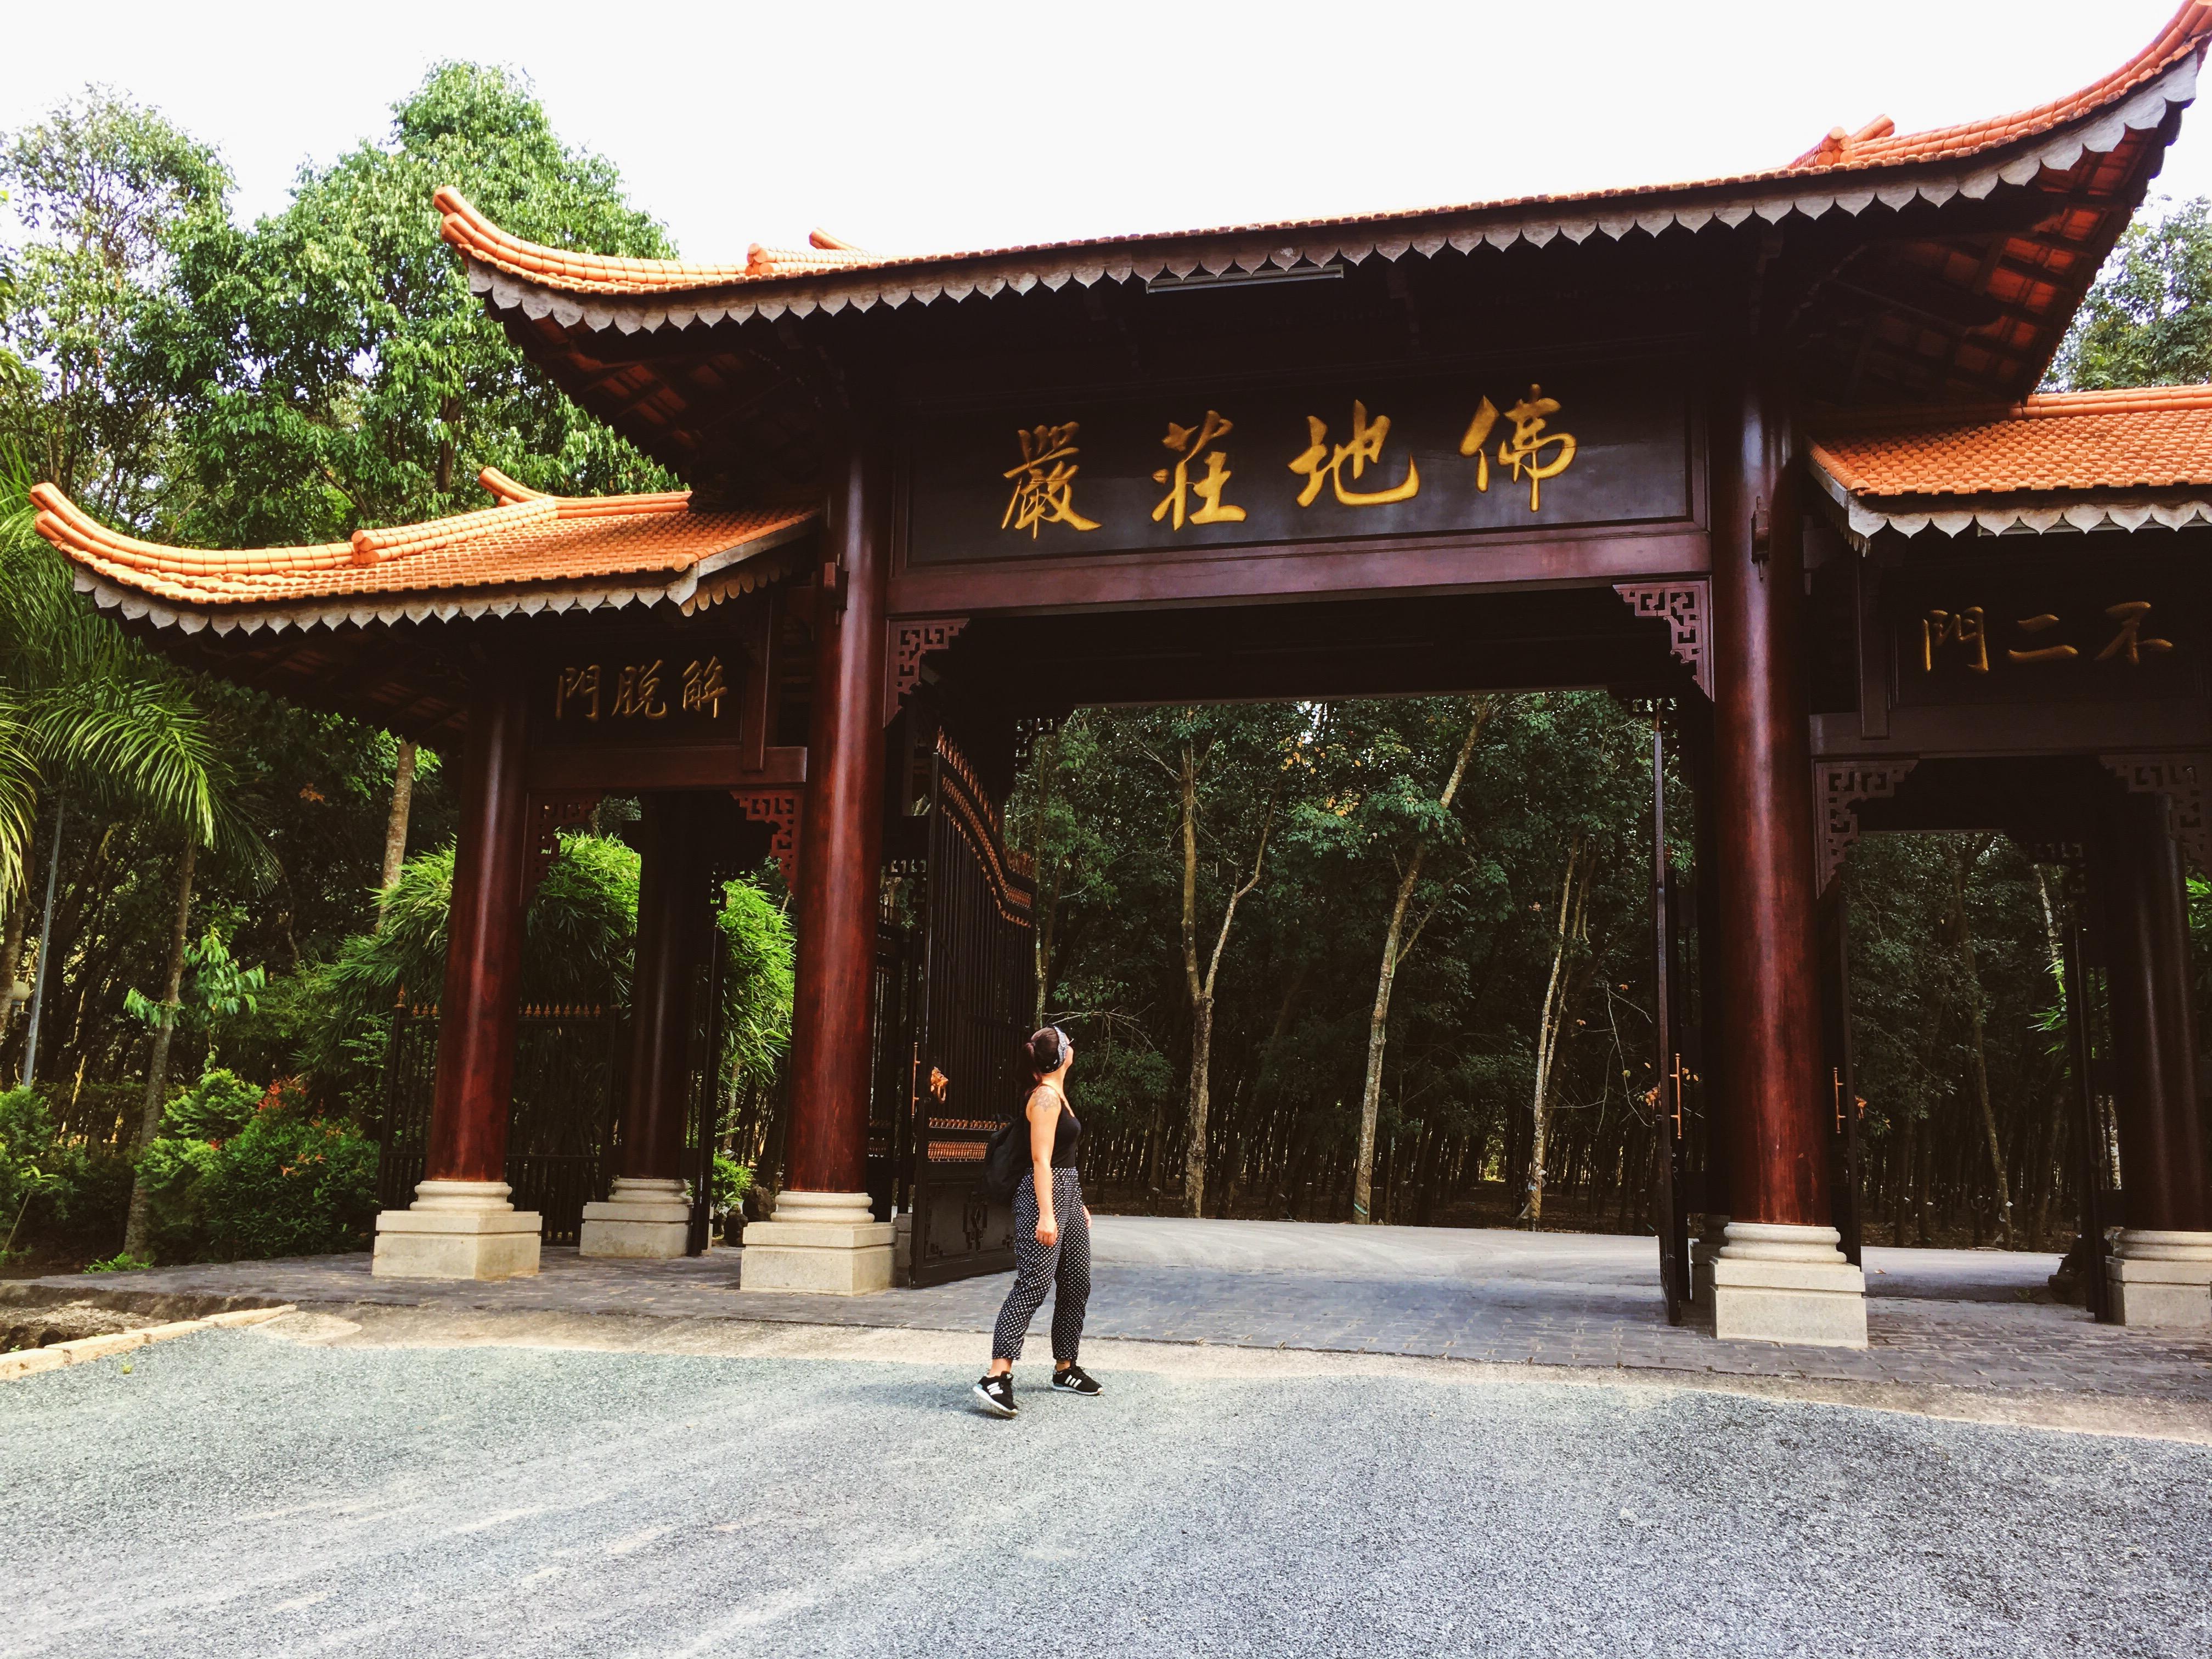 Buddhistisches Kloster (Bild: Emily Zimmermann)